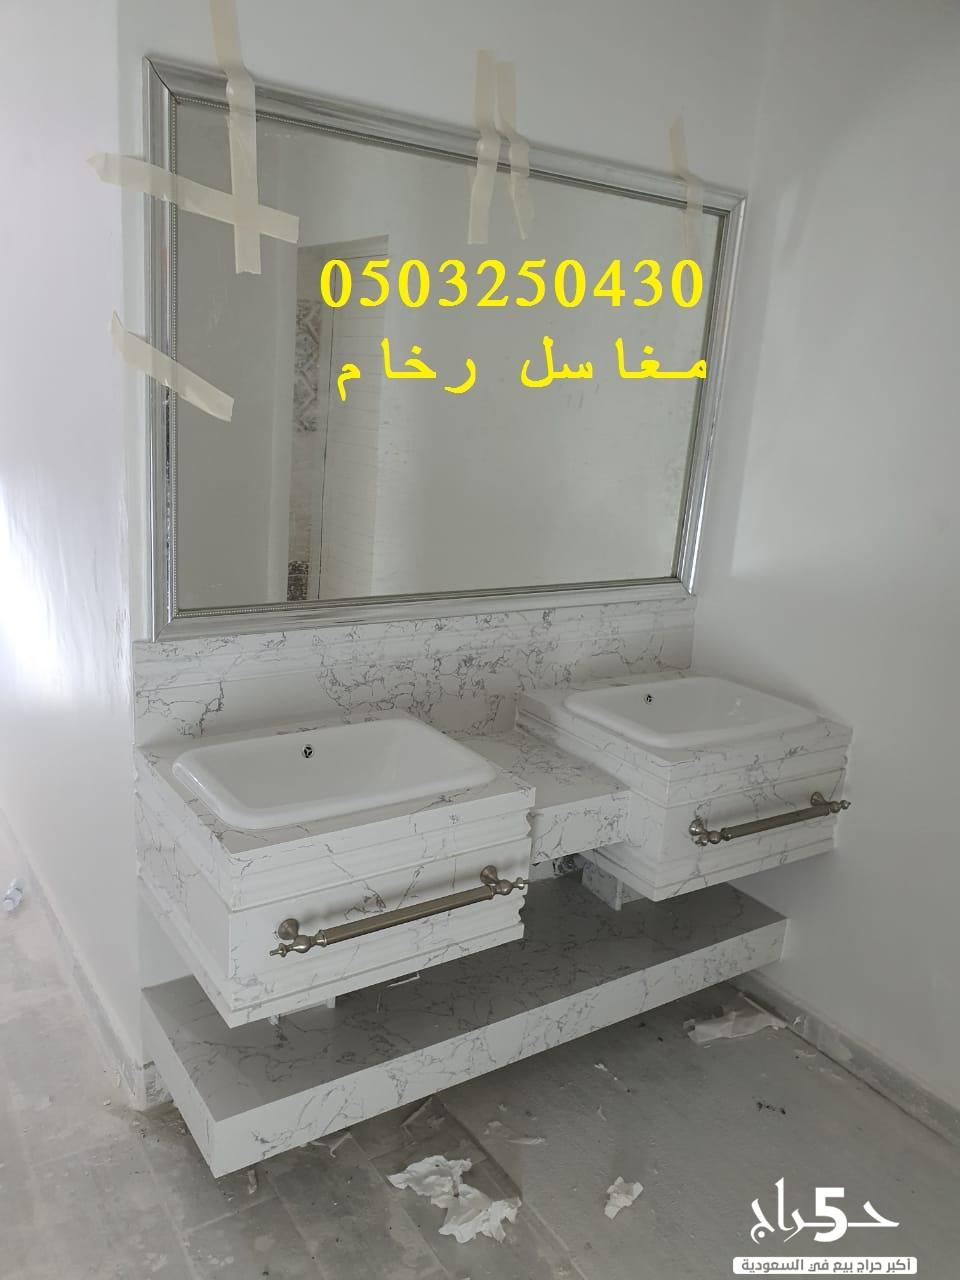 صور مغاسل رخام حمامات